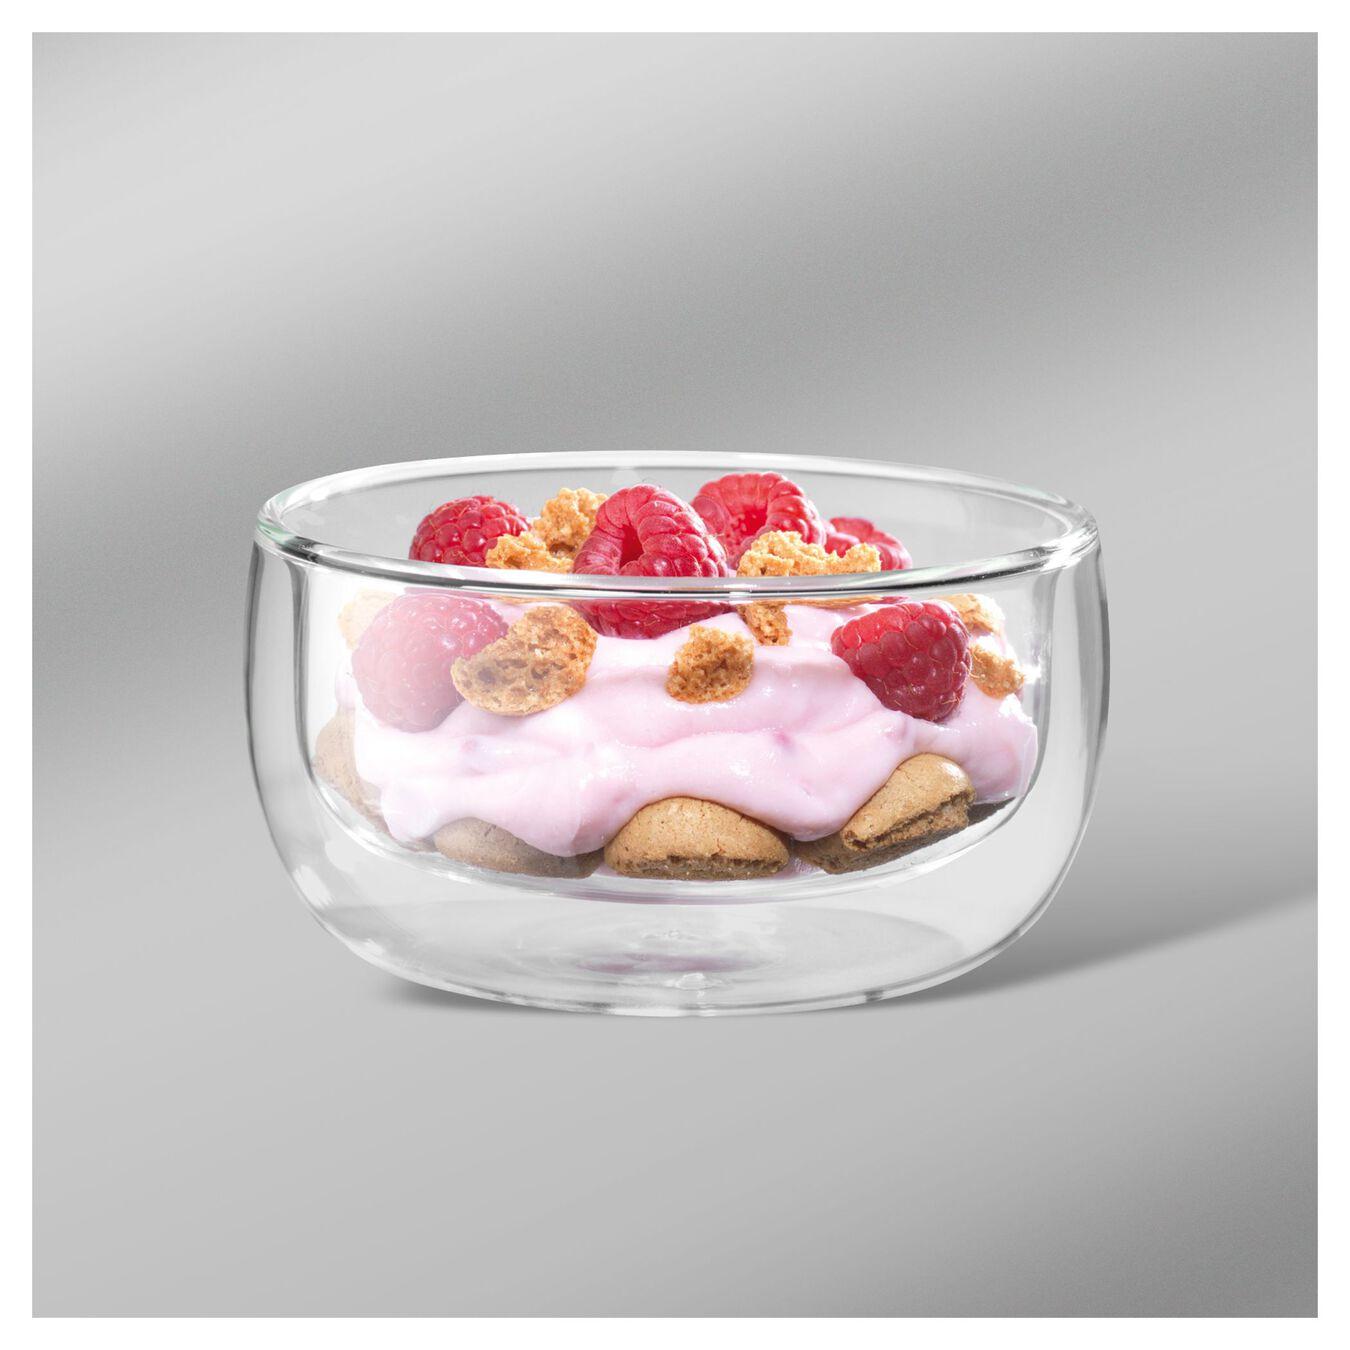 Verres à dessert 280 ml / 2-pcs,,large 2